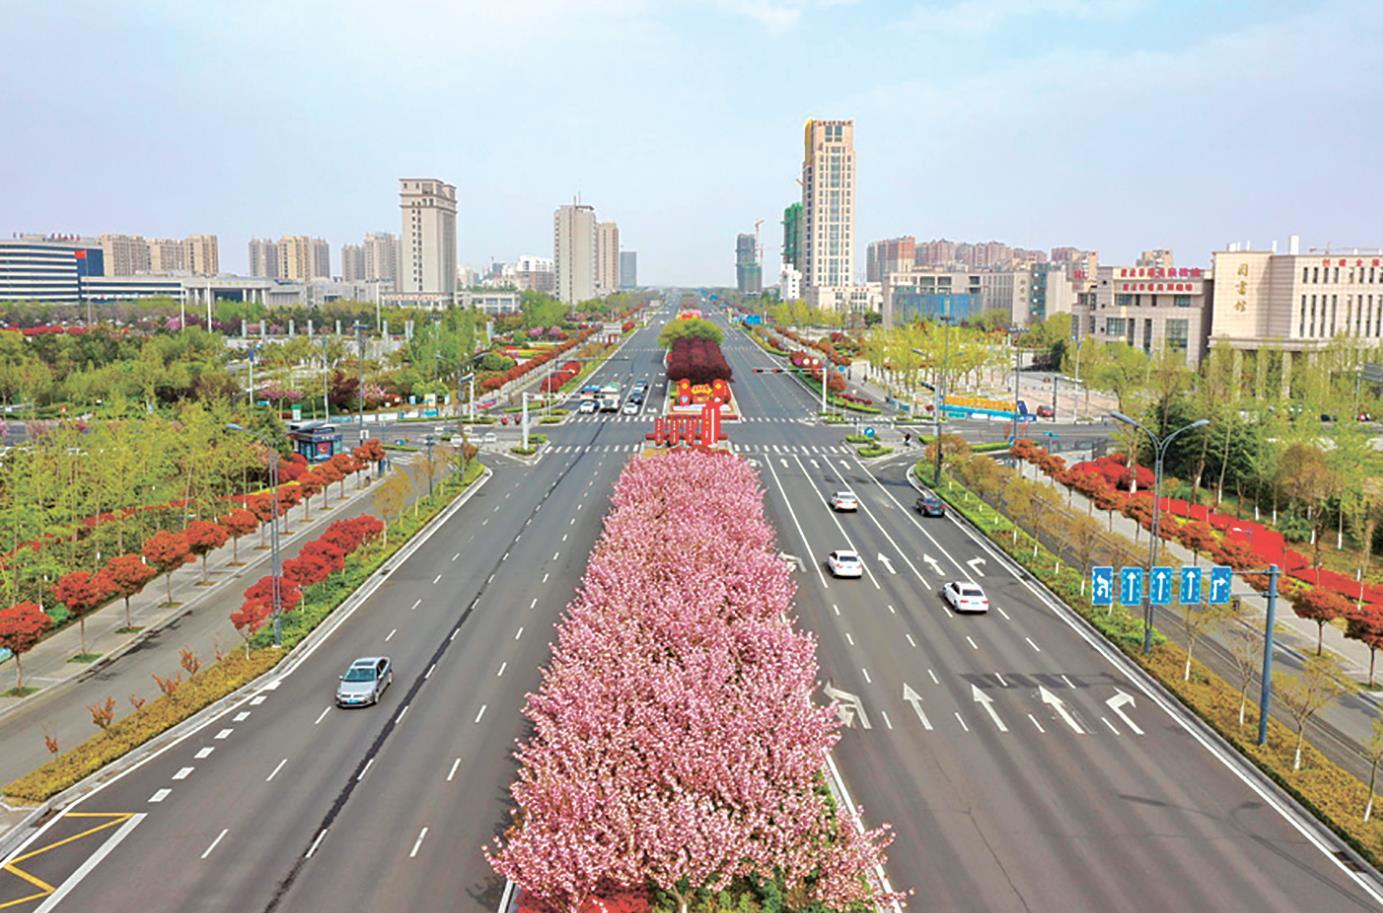 赣榆新城区樱花盛开